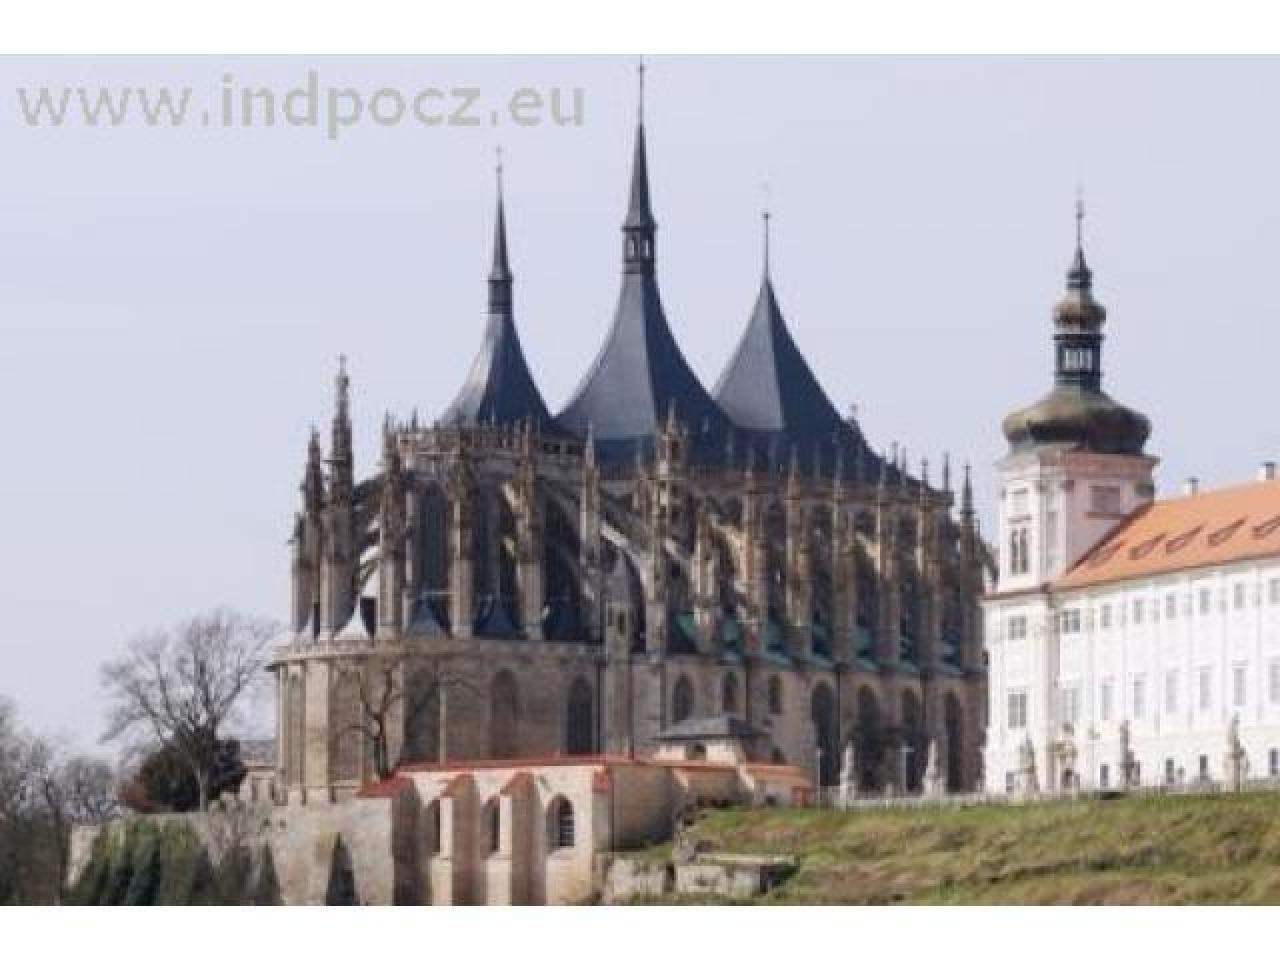 Индивидуальные экскурсии по Чехии,Вена,Дрезден,Нюрнберг - 1